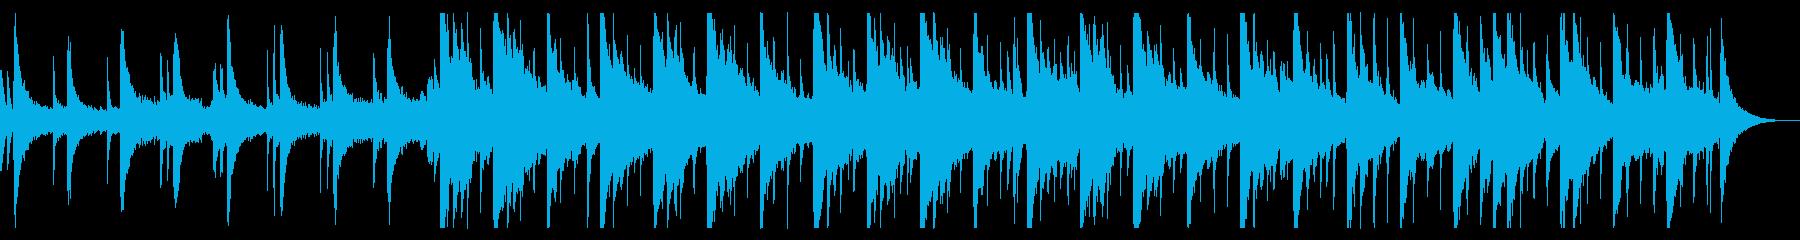 卒業をイメージしたピアノBGM_3の再生済みの波形